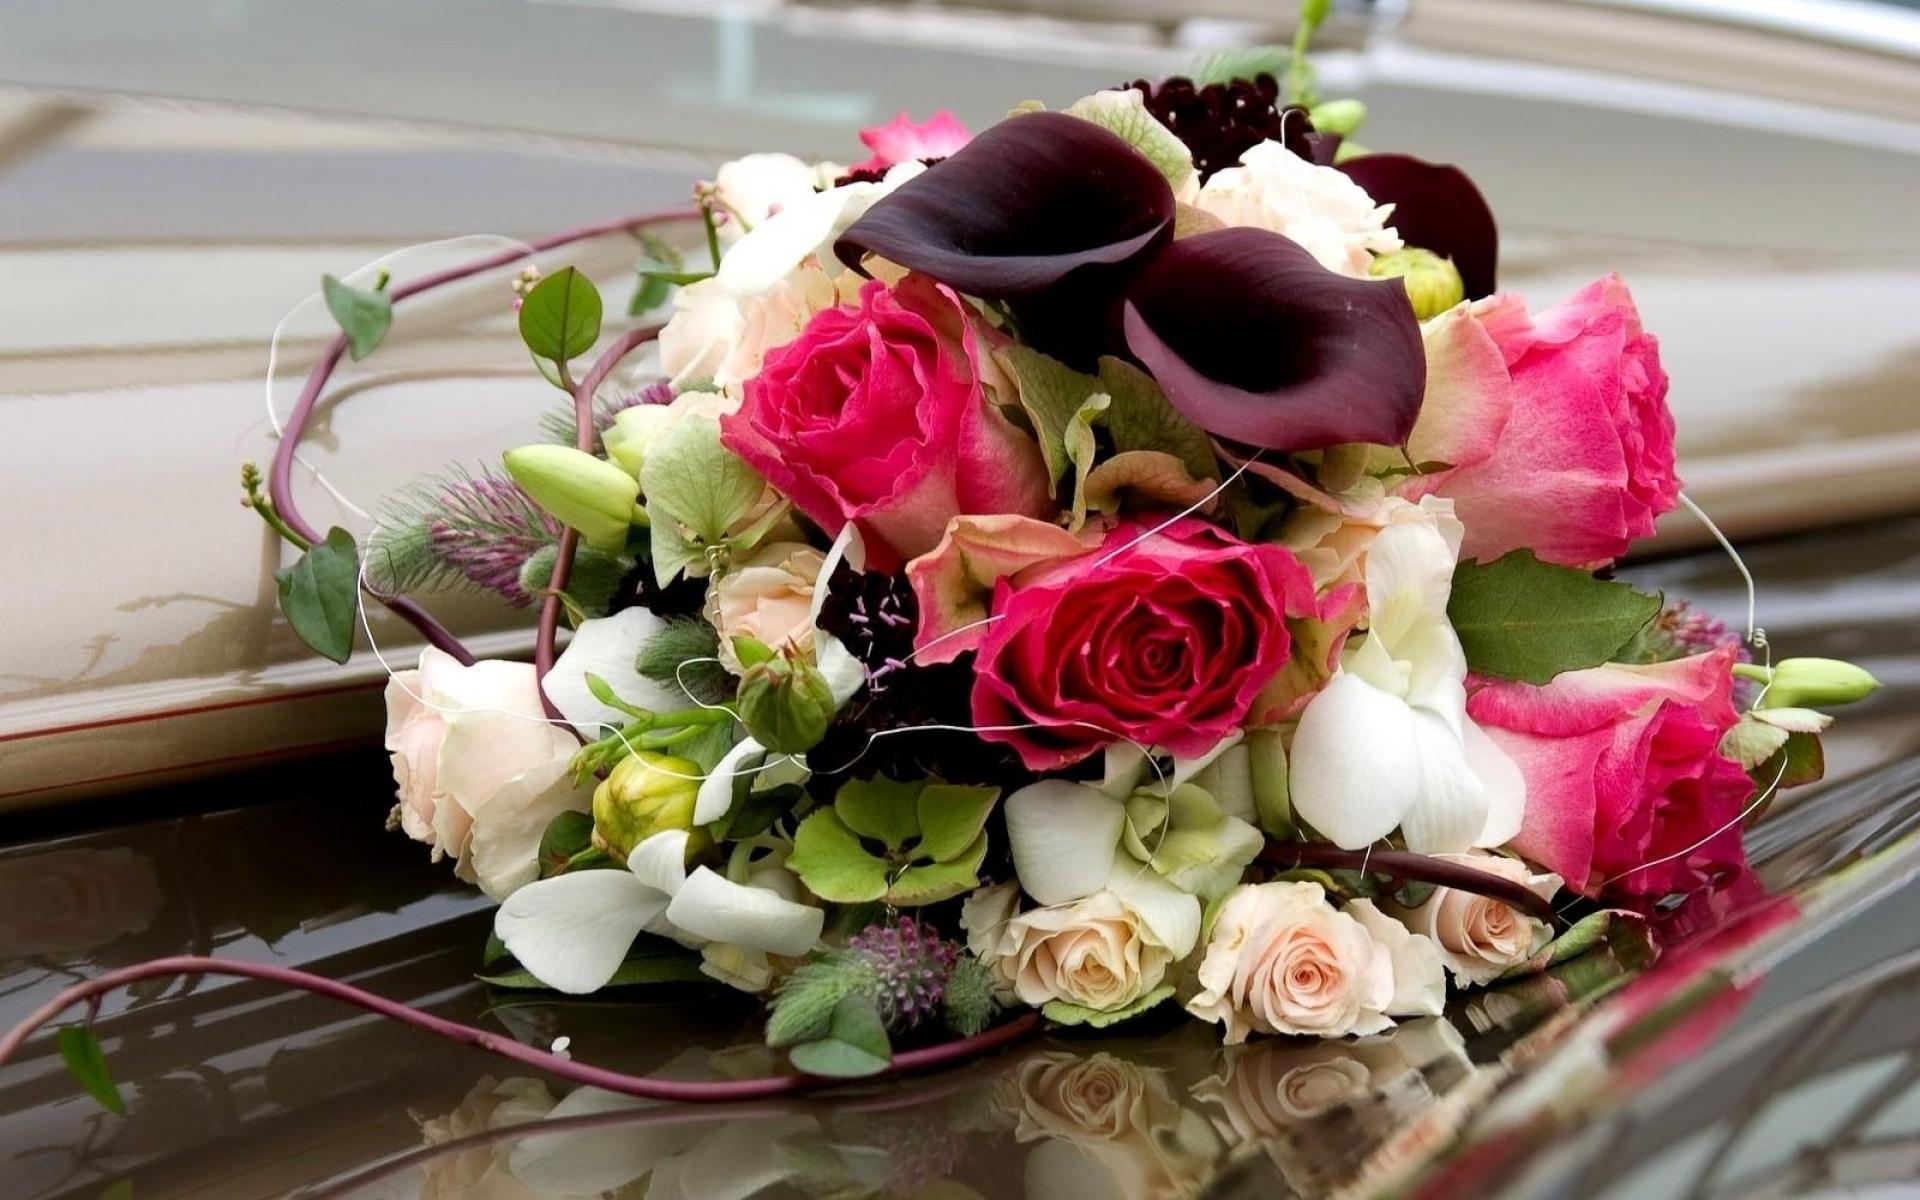 красивые цветы на столе фото букеты данном элементе служат